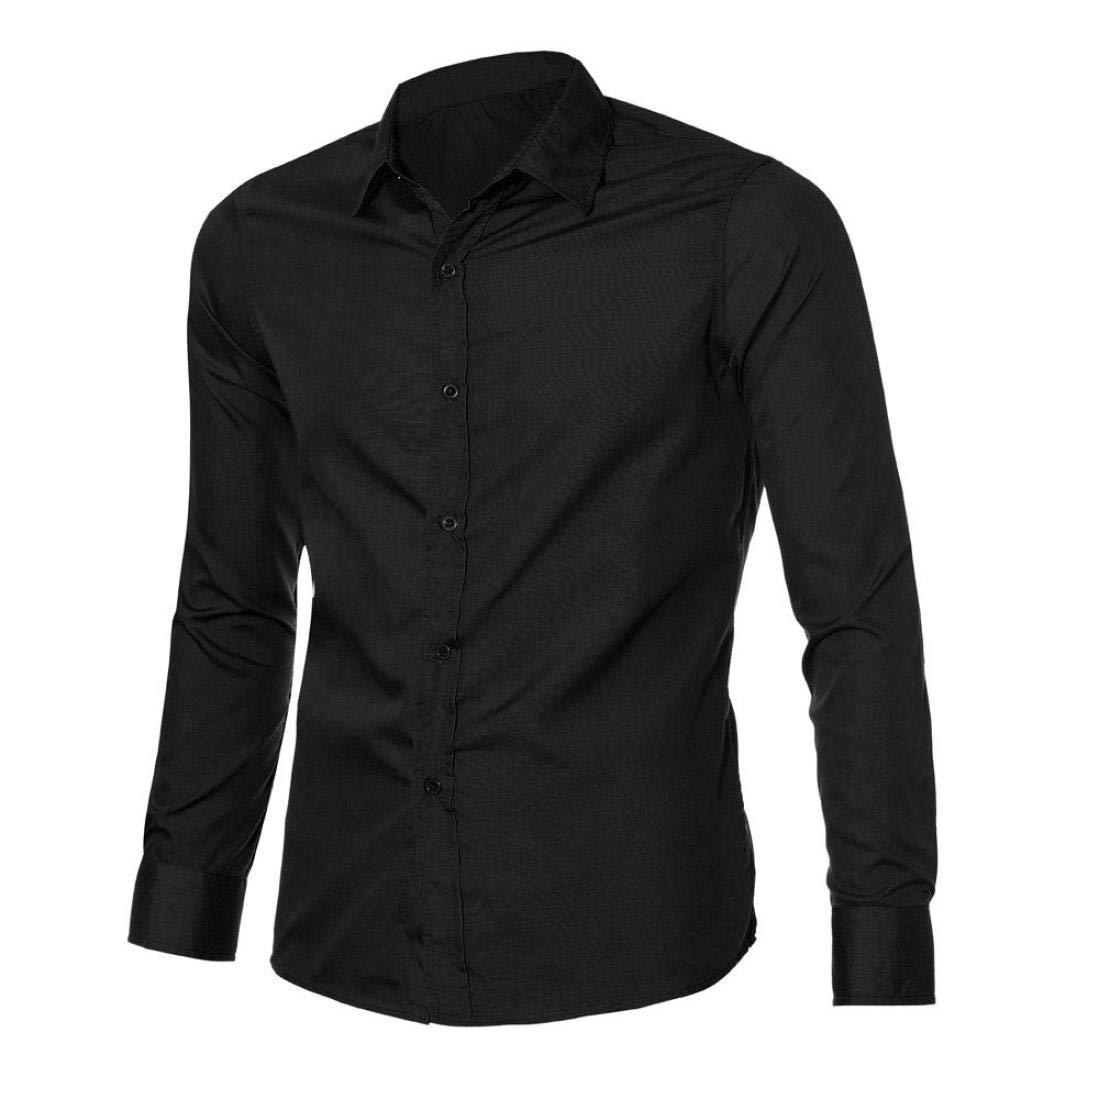 Btruely Herren Blusa Camisa Informal con Estilo de Lujo para Hombre Blusa de Manga Larga de algodón Top Ajustadas Slim Casual/Formal para Hombre: Amazon.es: ...